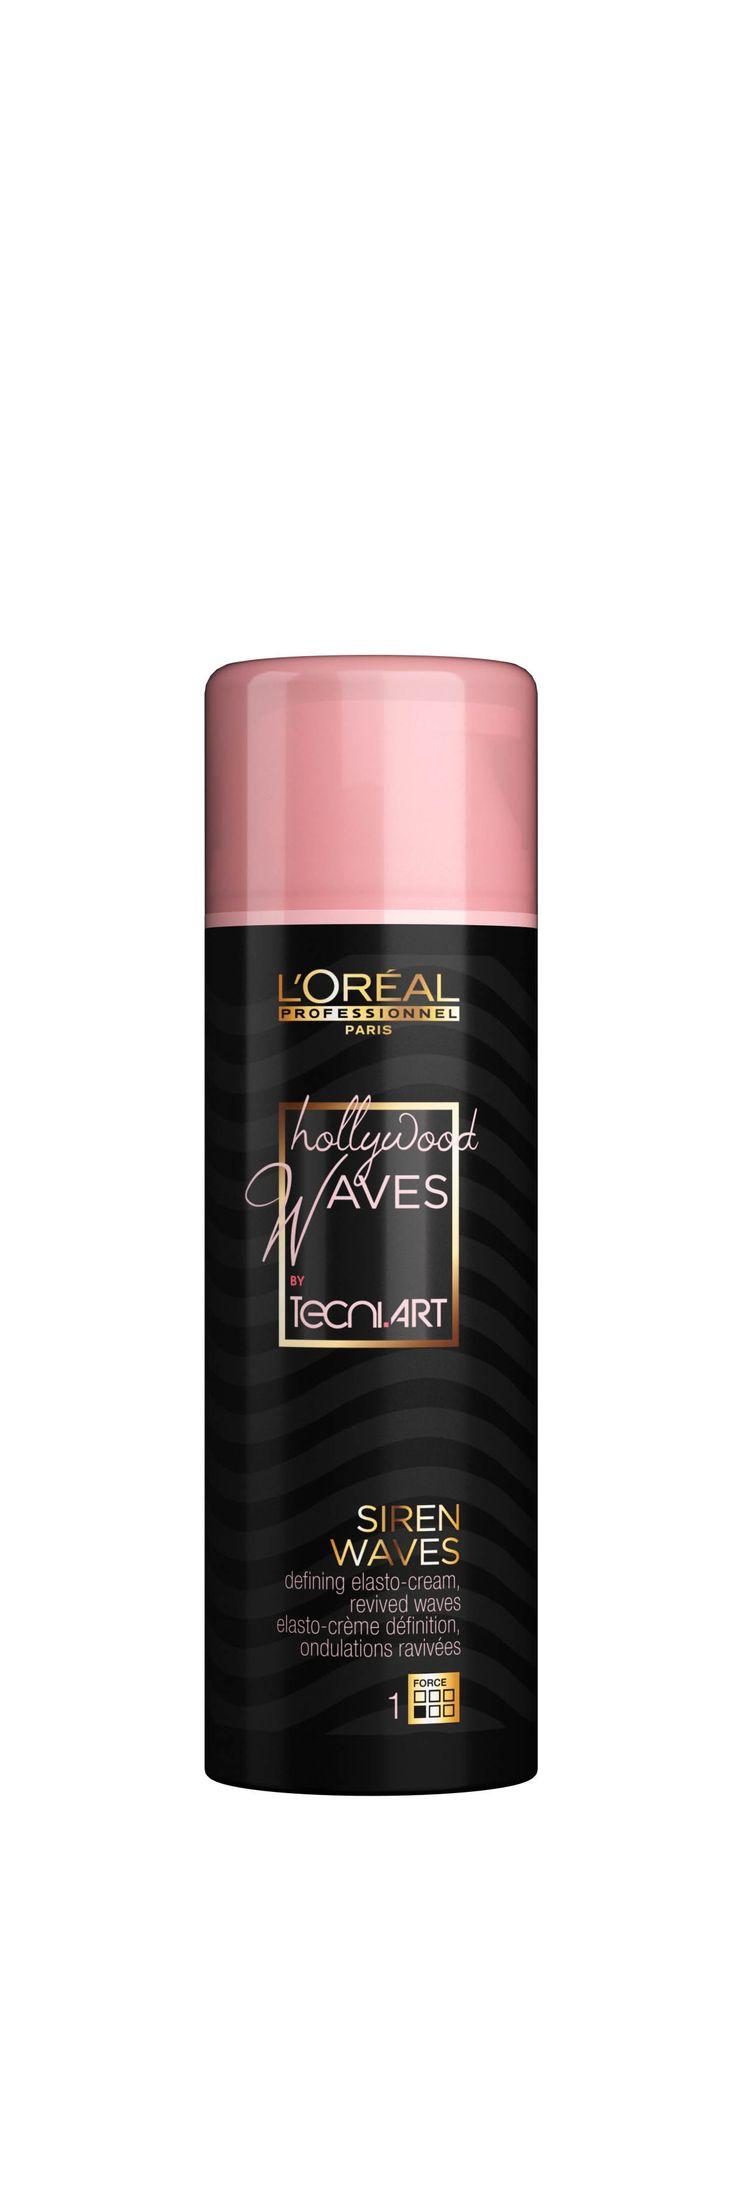 L'Oréal Professionnel Paris Hollywood Waves By Tecni.art Waves Fatale 150ml.